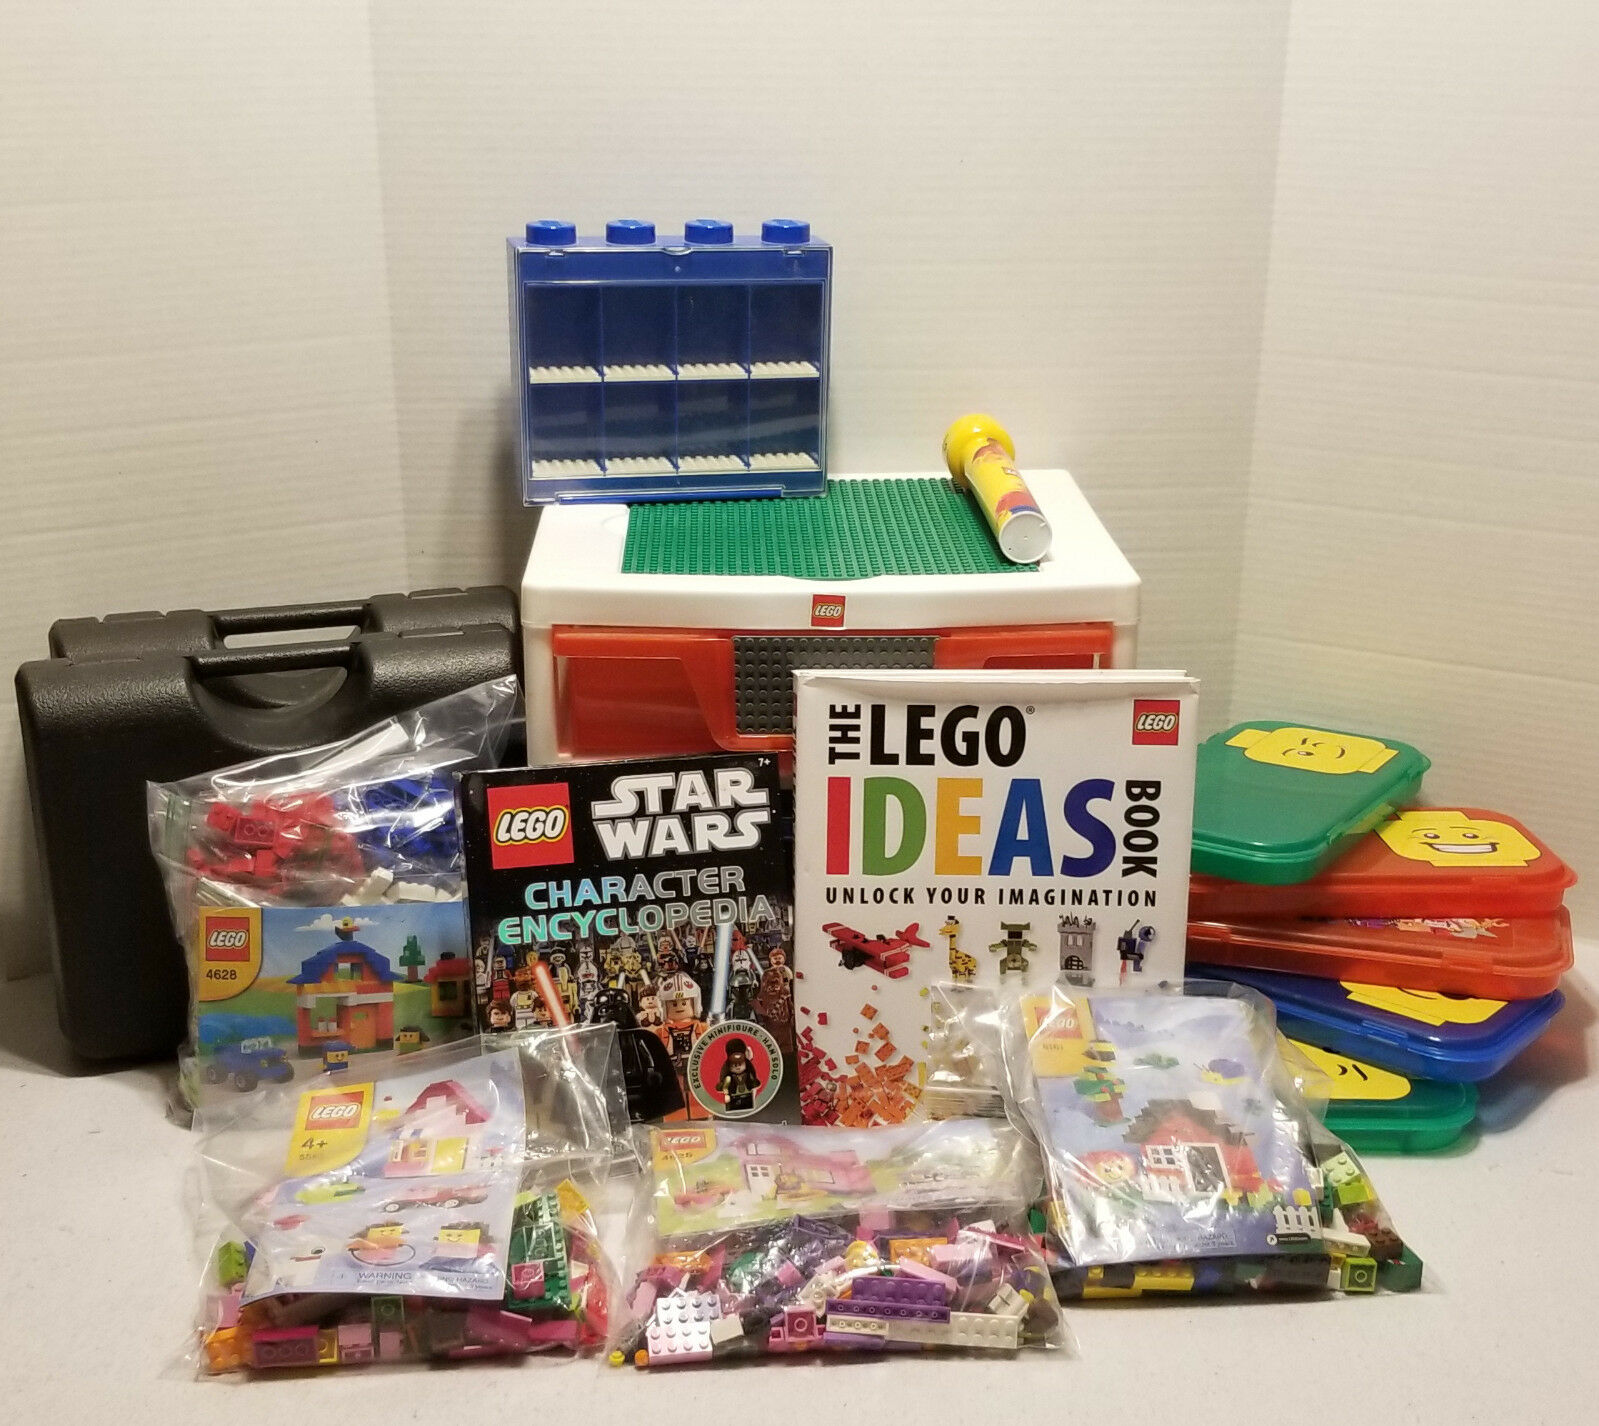 Lego Instant divertimento  Lot   Lots of Gear - Multiple Creator Sets   risparmia fino al 70%